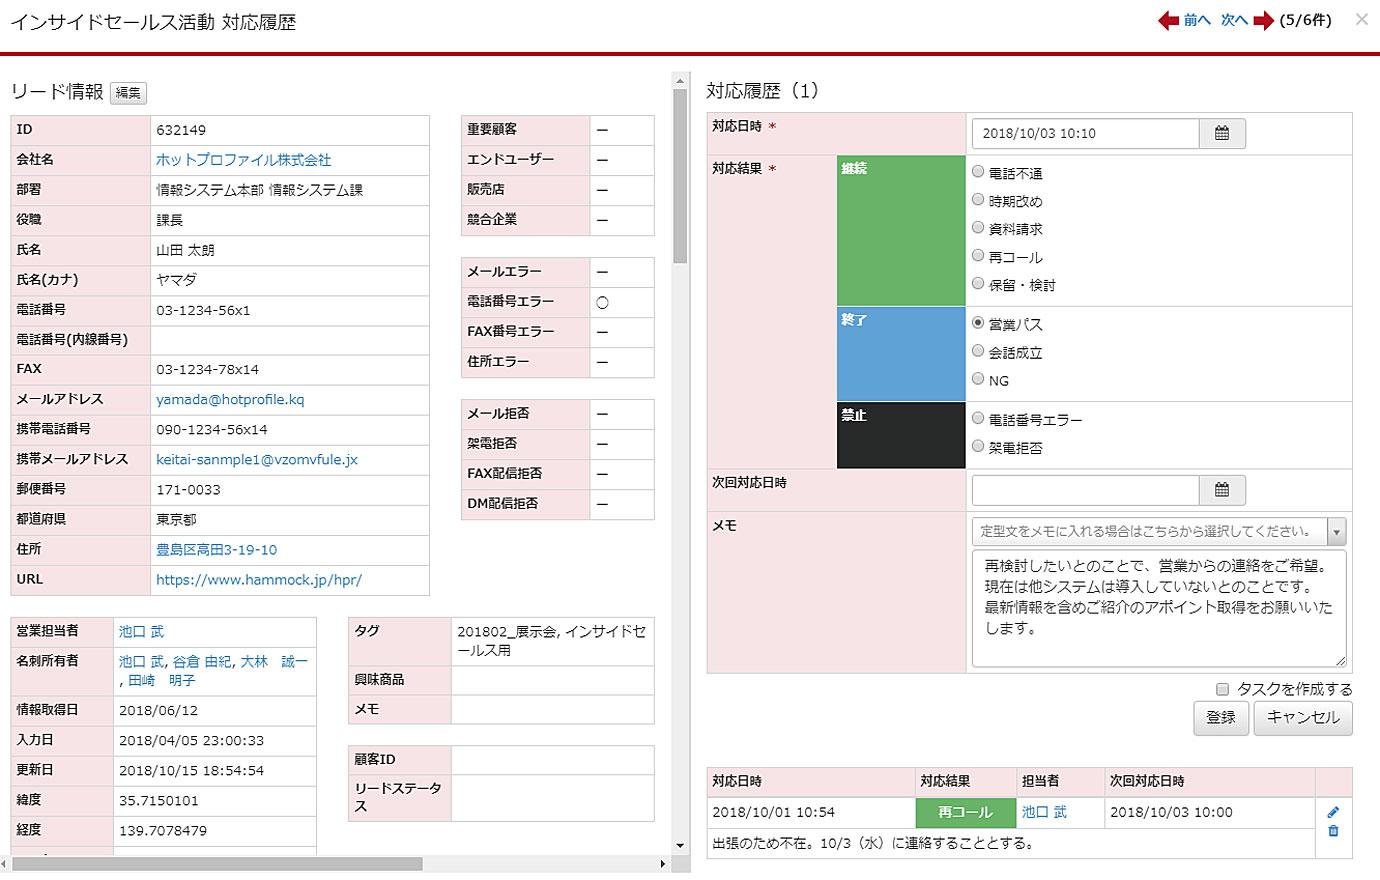 CRMやSFAとしての機能を備えた名刺管理サービスもあります。画面は「ホットプロファイル」。